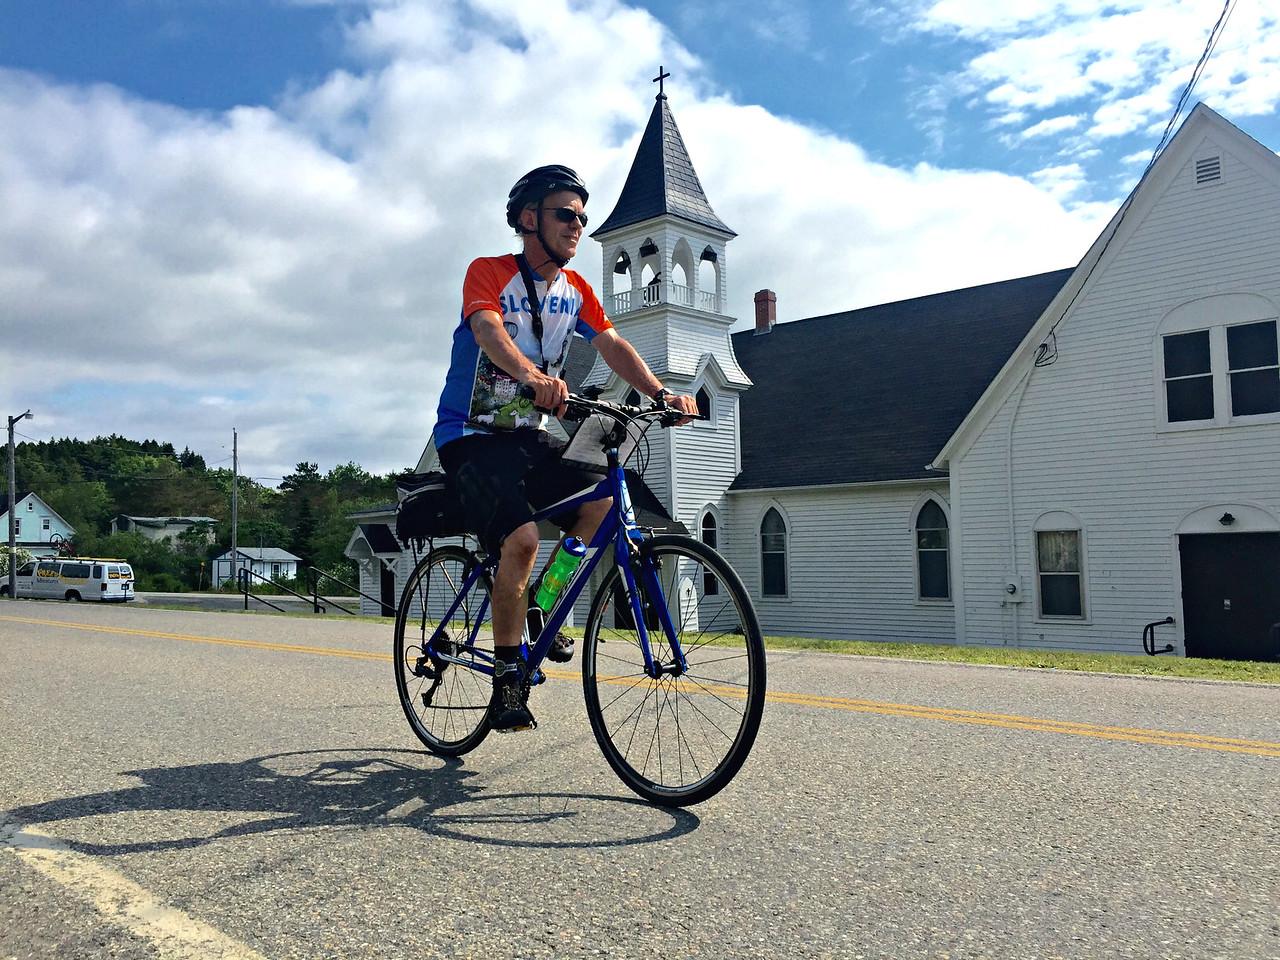 Canada: Nova Scotia - South Shore Bike